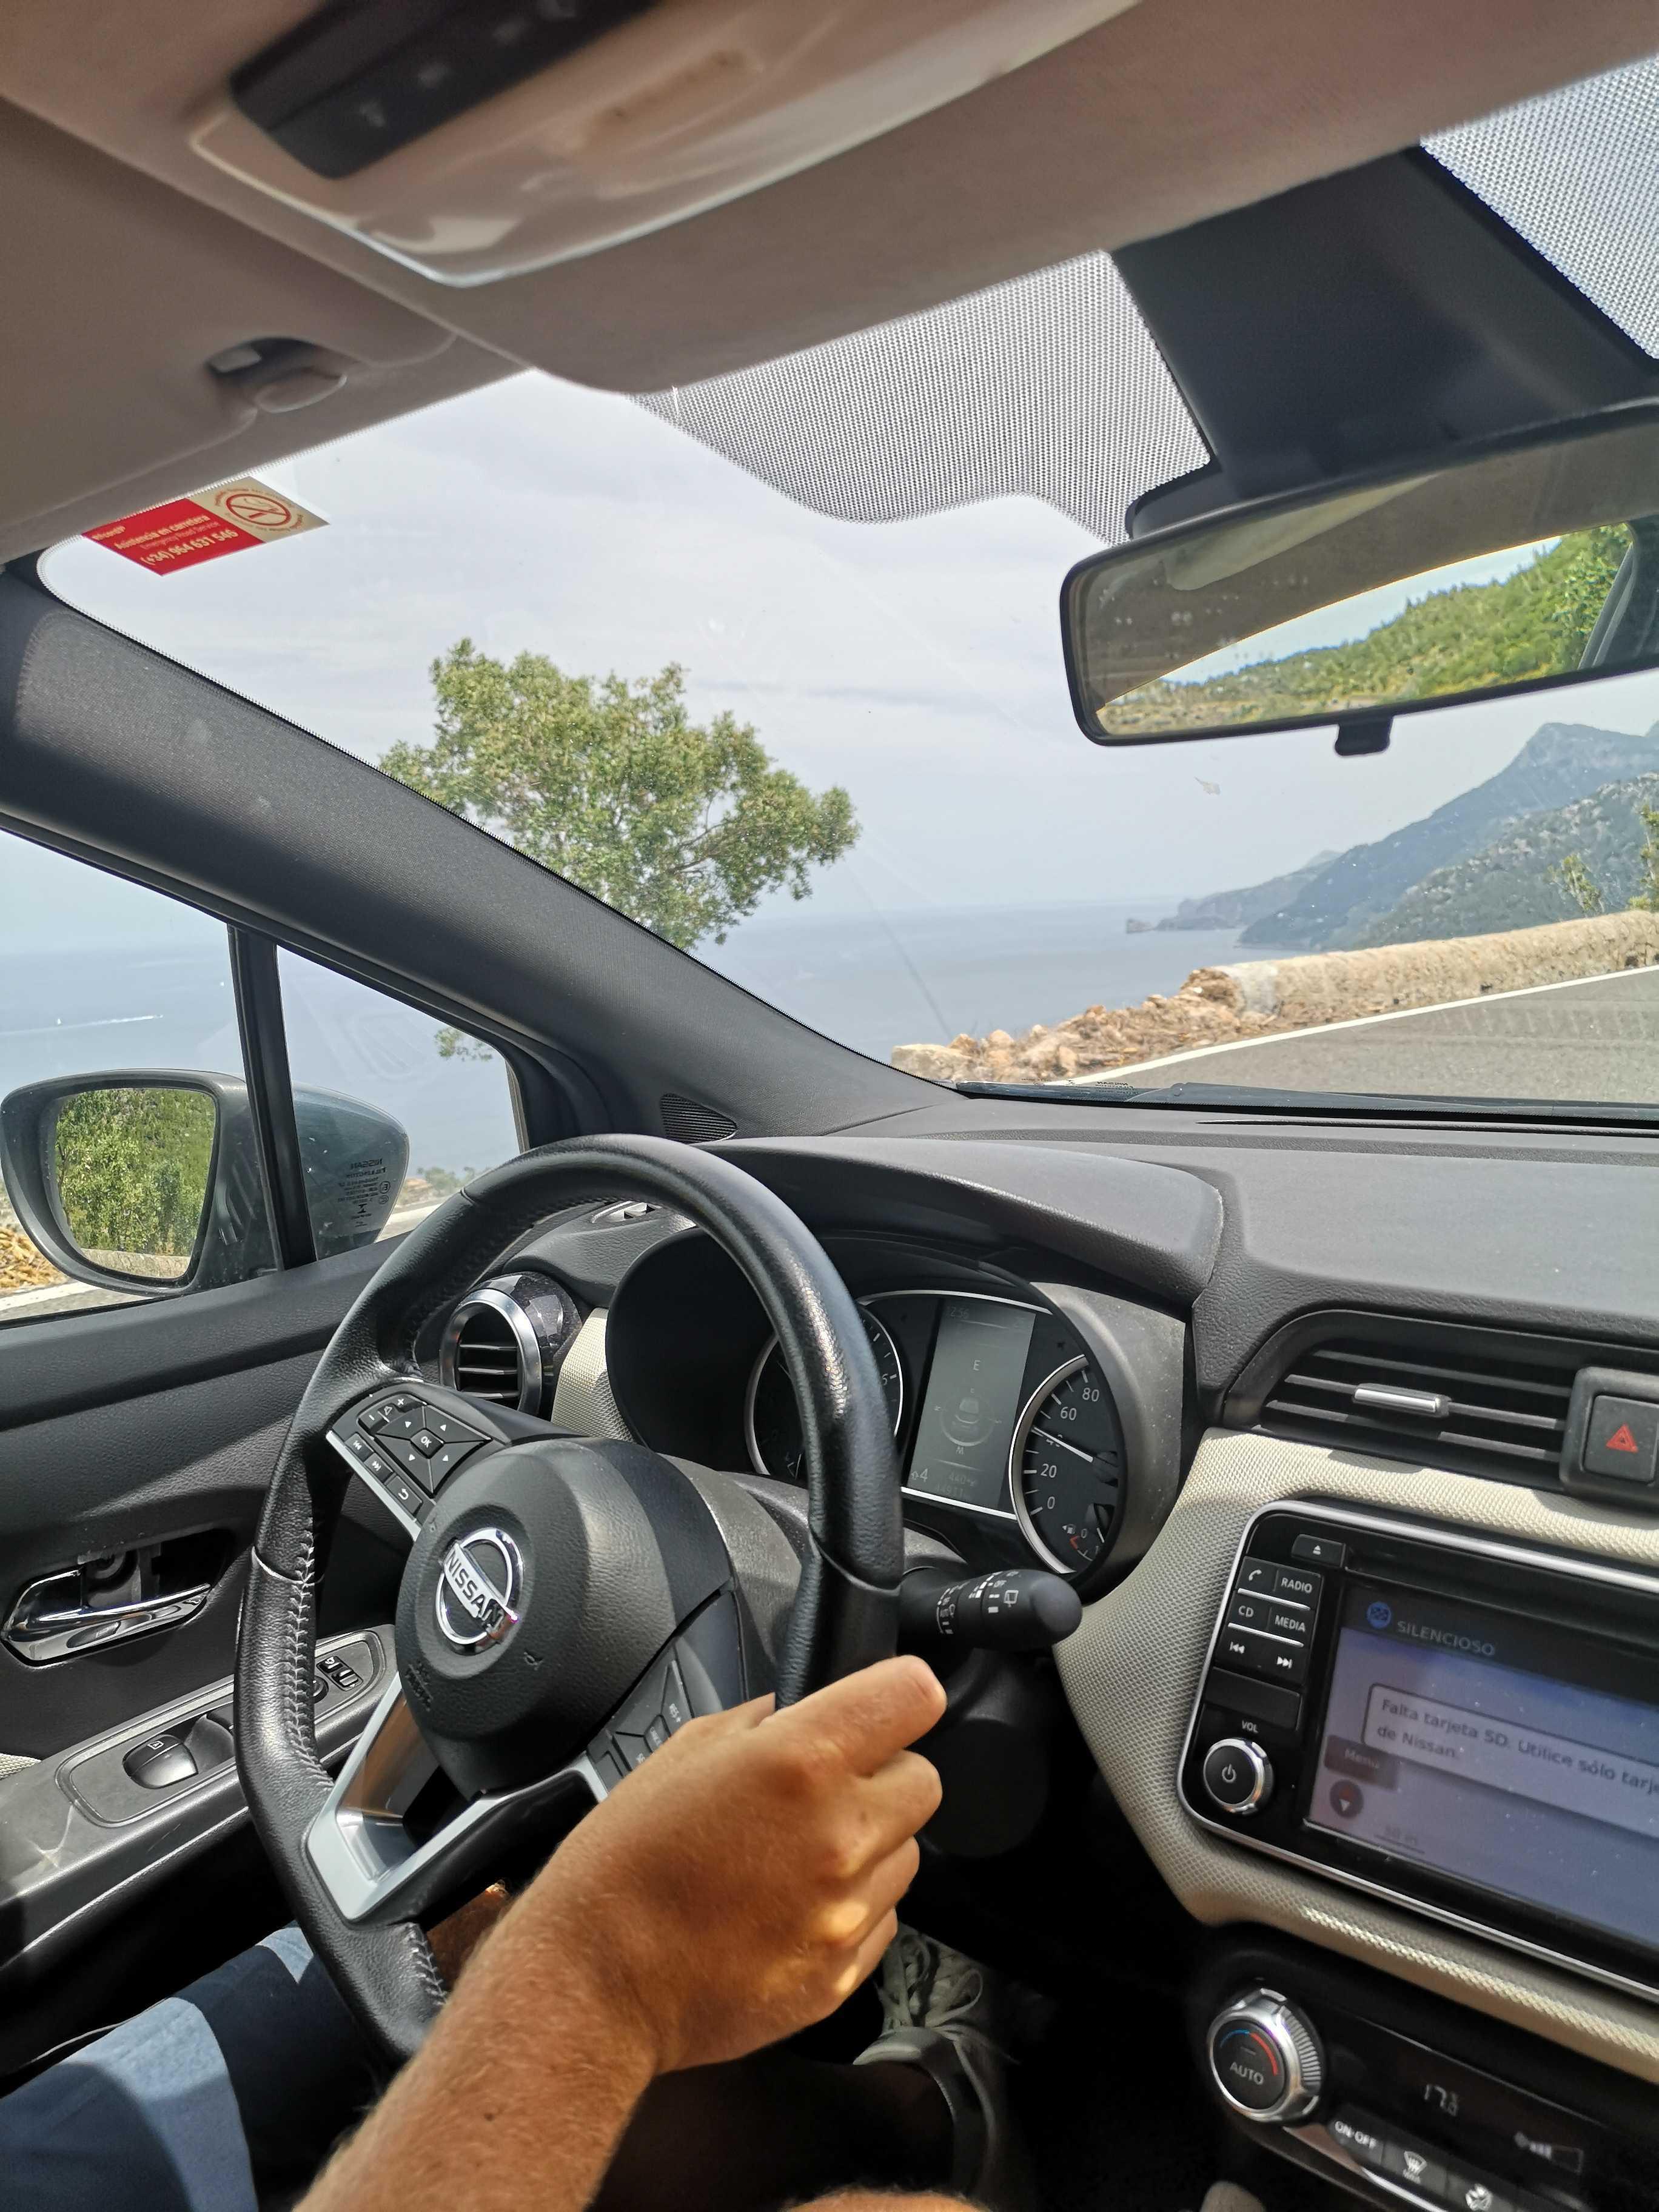 Exploring Mallorca with a rental car